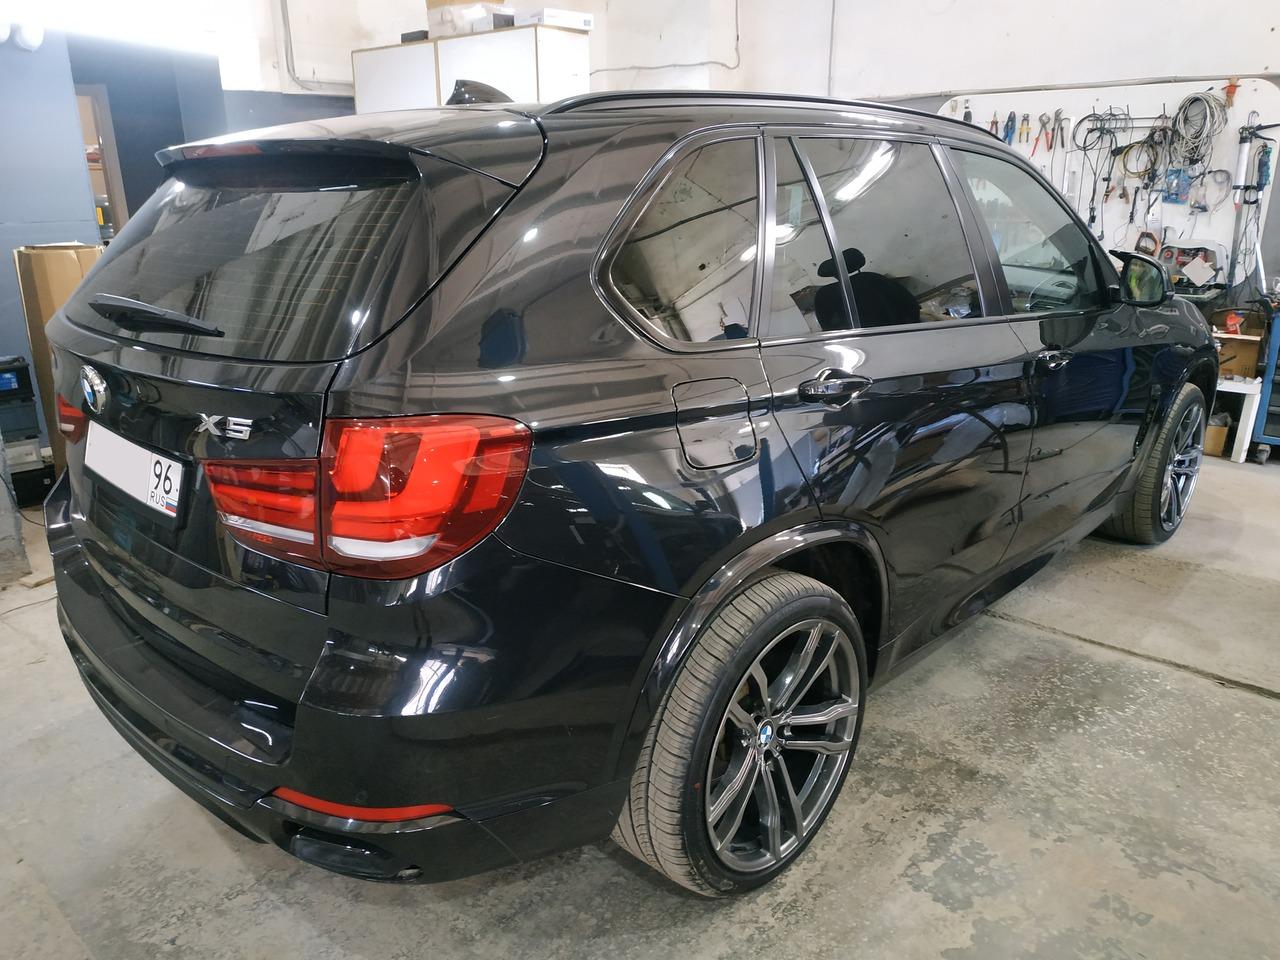 BMW F15 30d 2014 г.в.